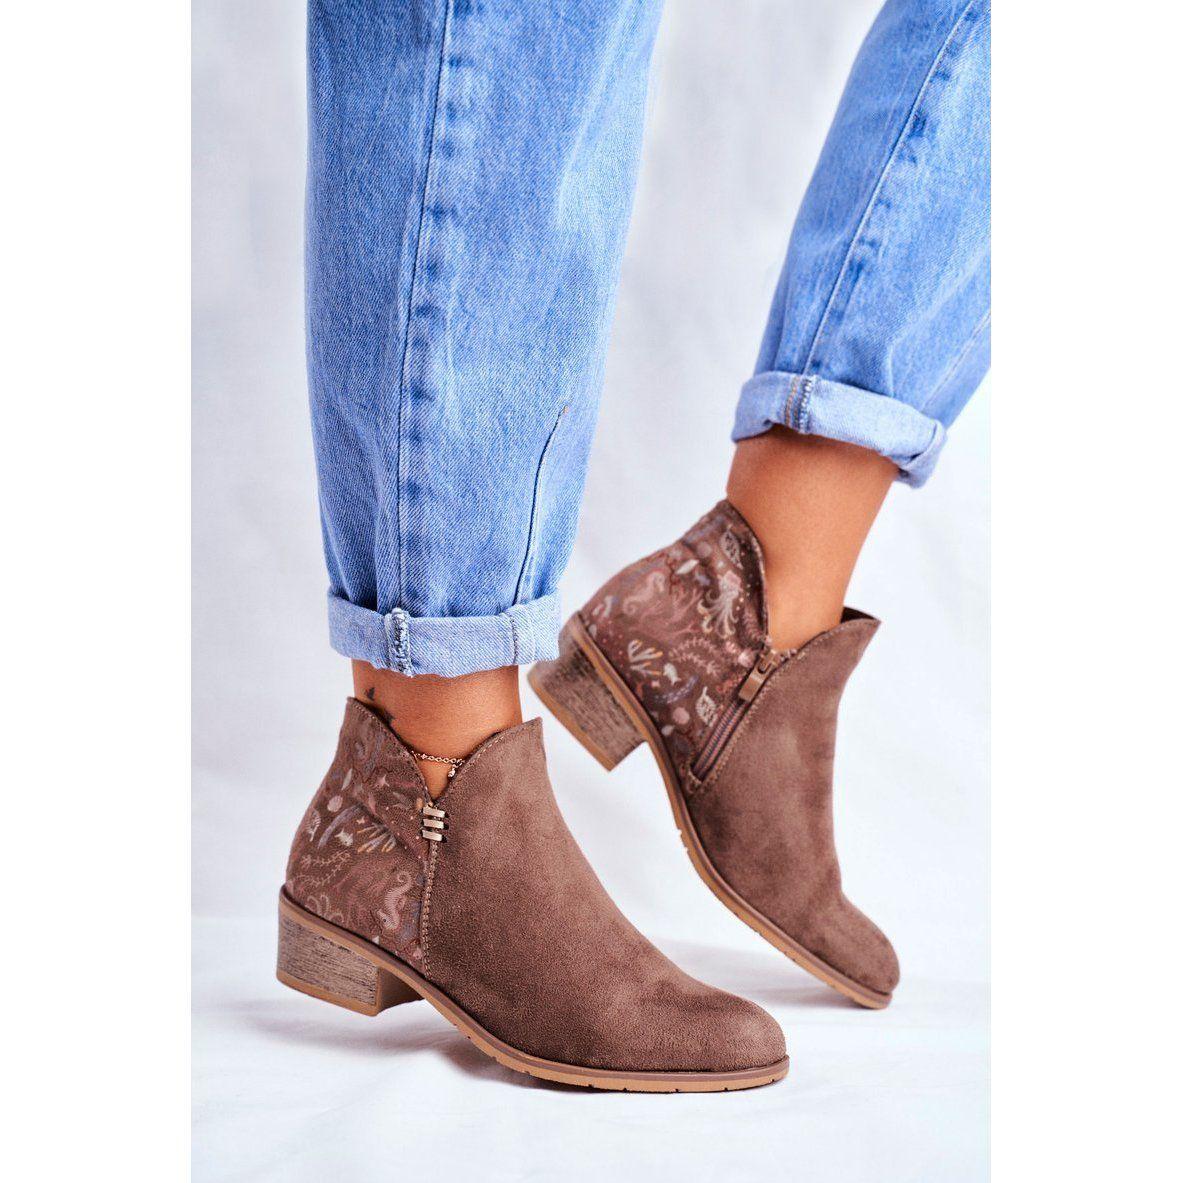 Botki Damskie Plaski Obcas Wiosenne Brazowe Elizabeth Ankle Boot Shoes Boots